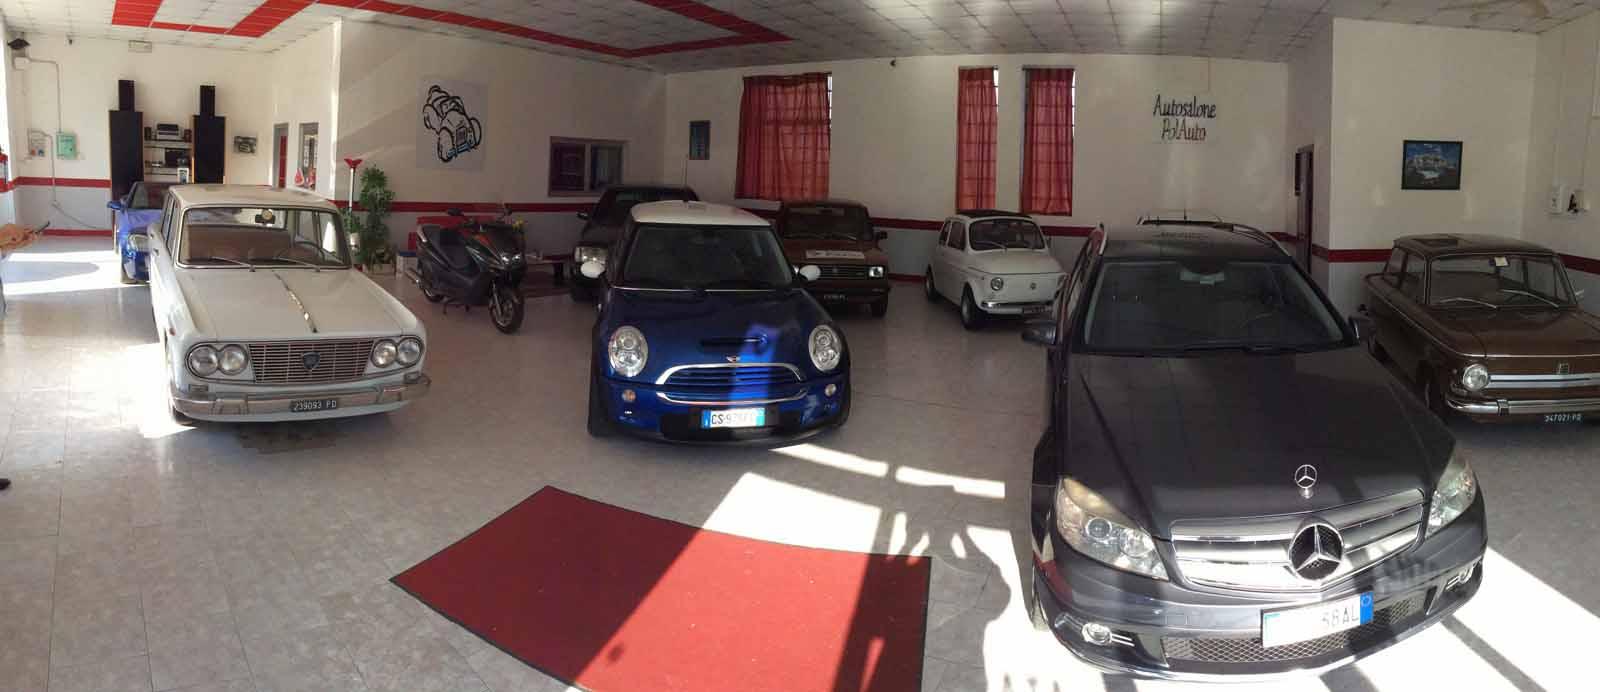 Primo piano di un'auto blu, una grigia e una bianca